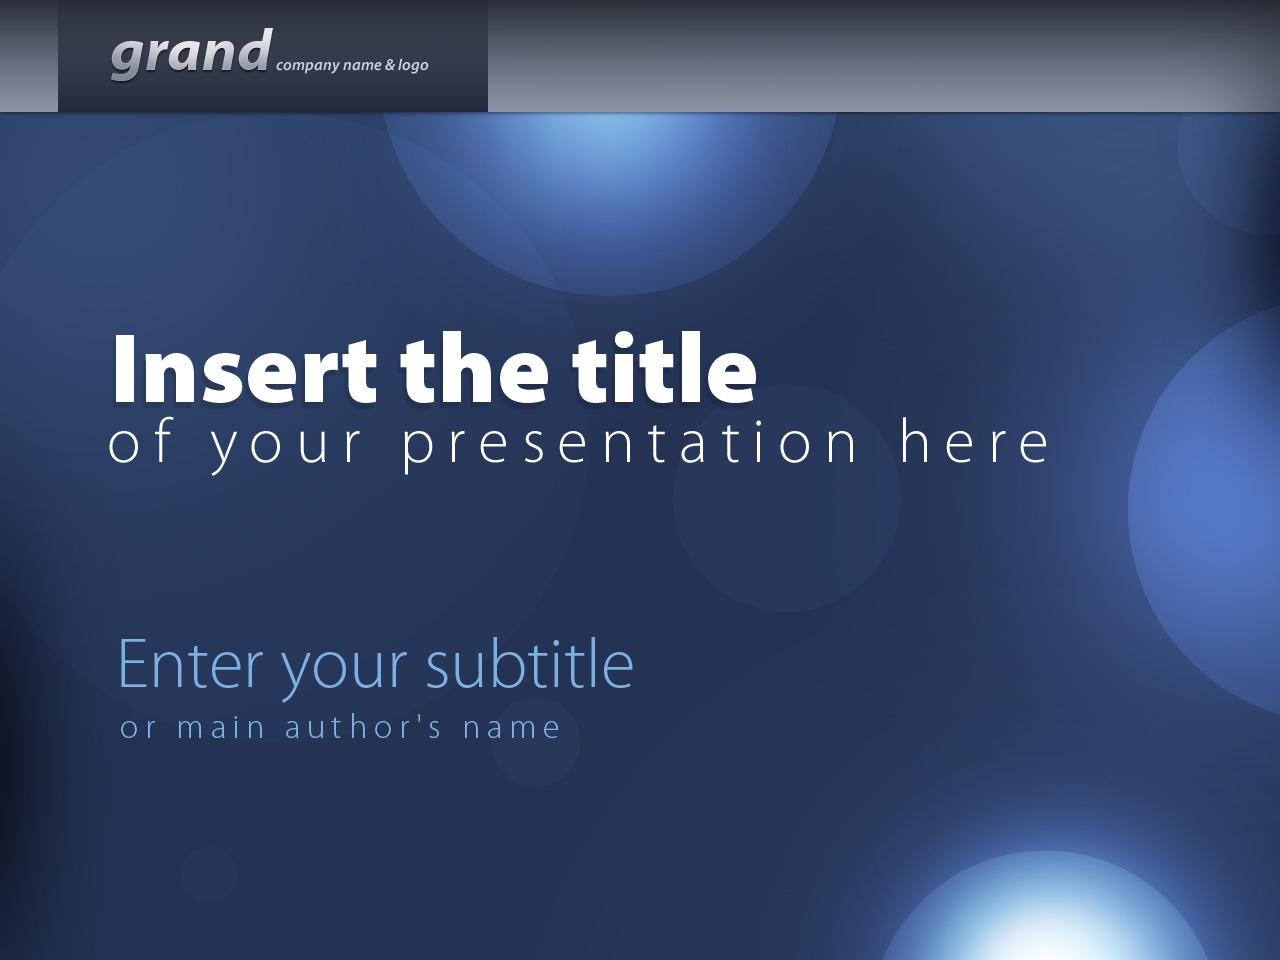 PowerPoint шаблон №24220 на тему школа бизнеса